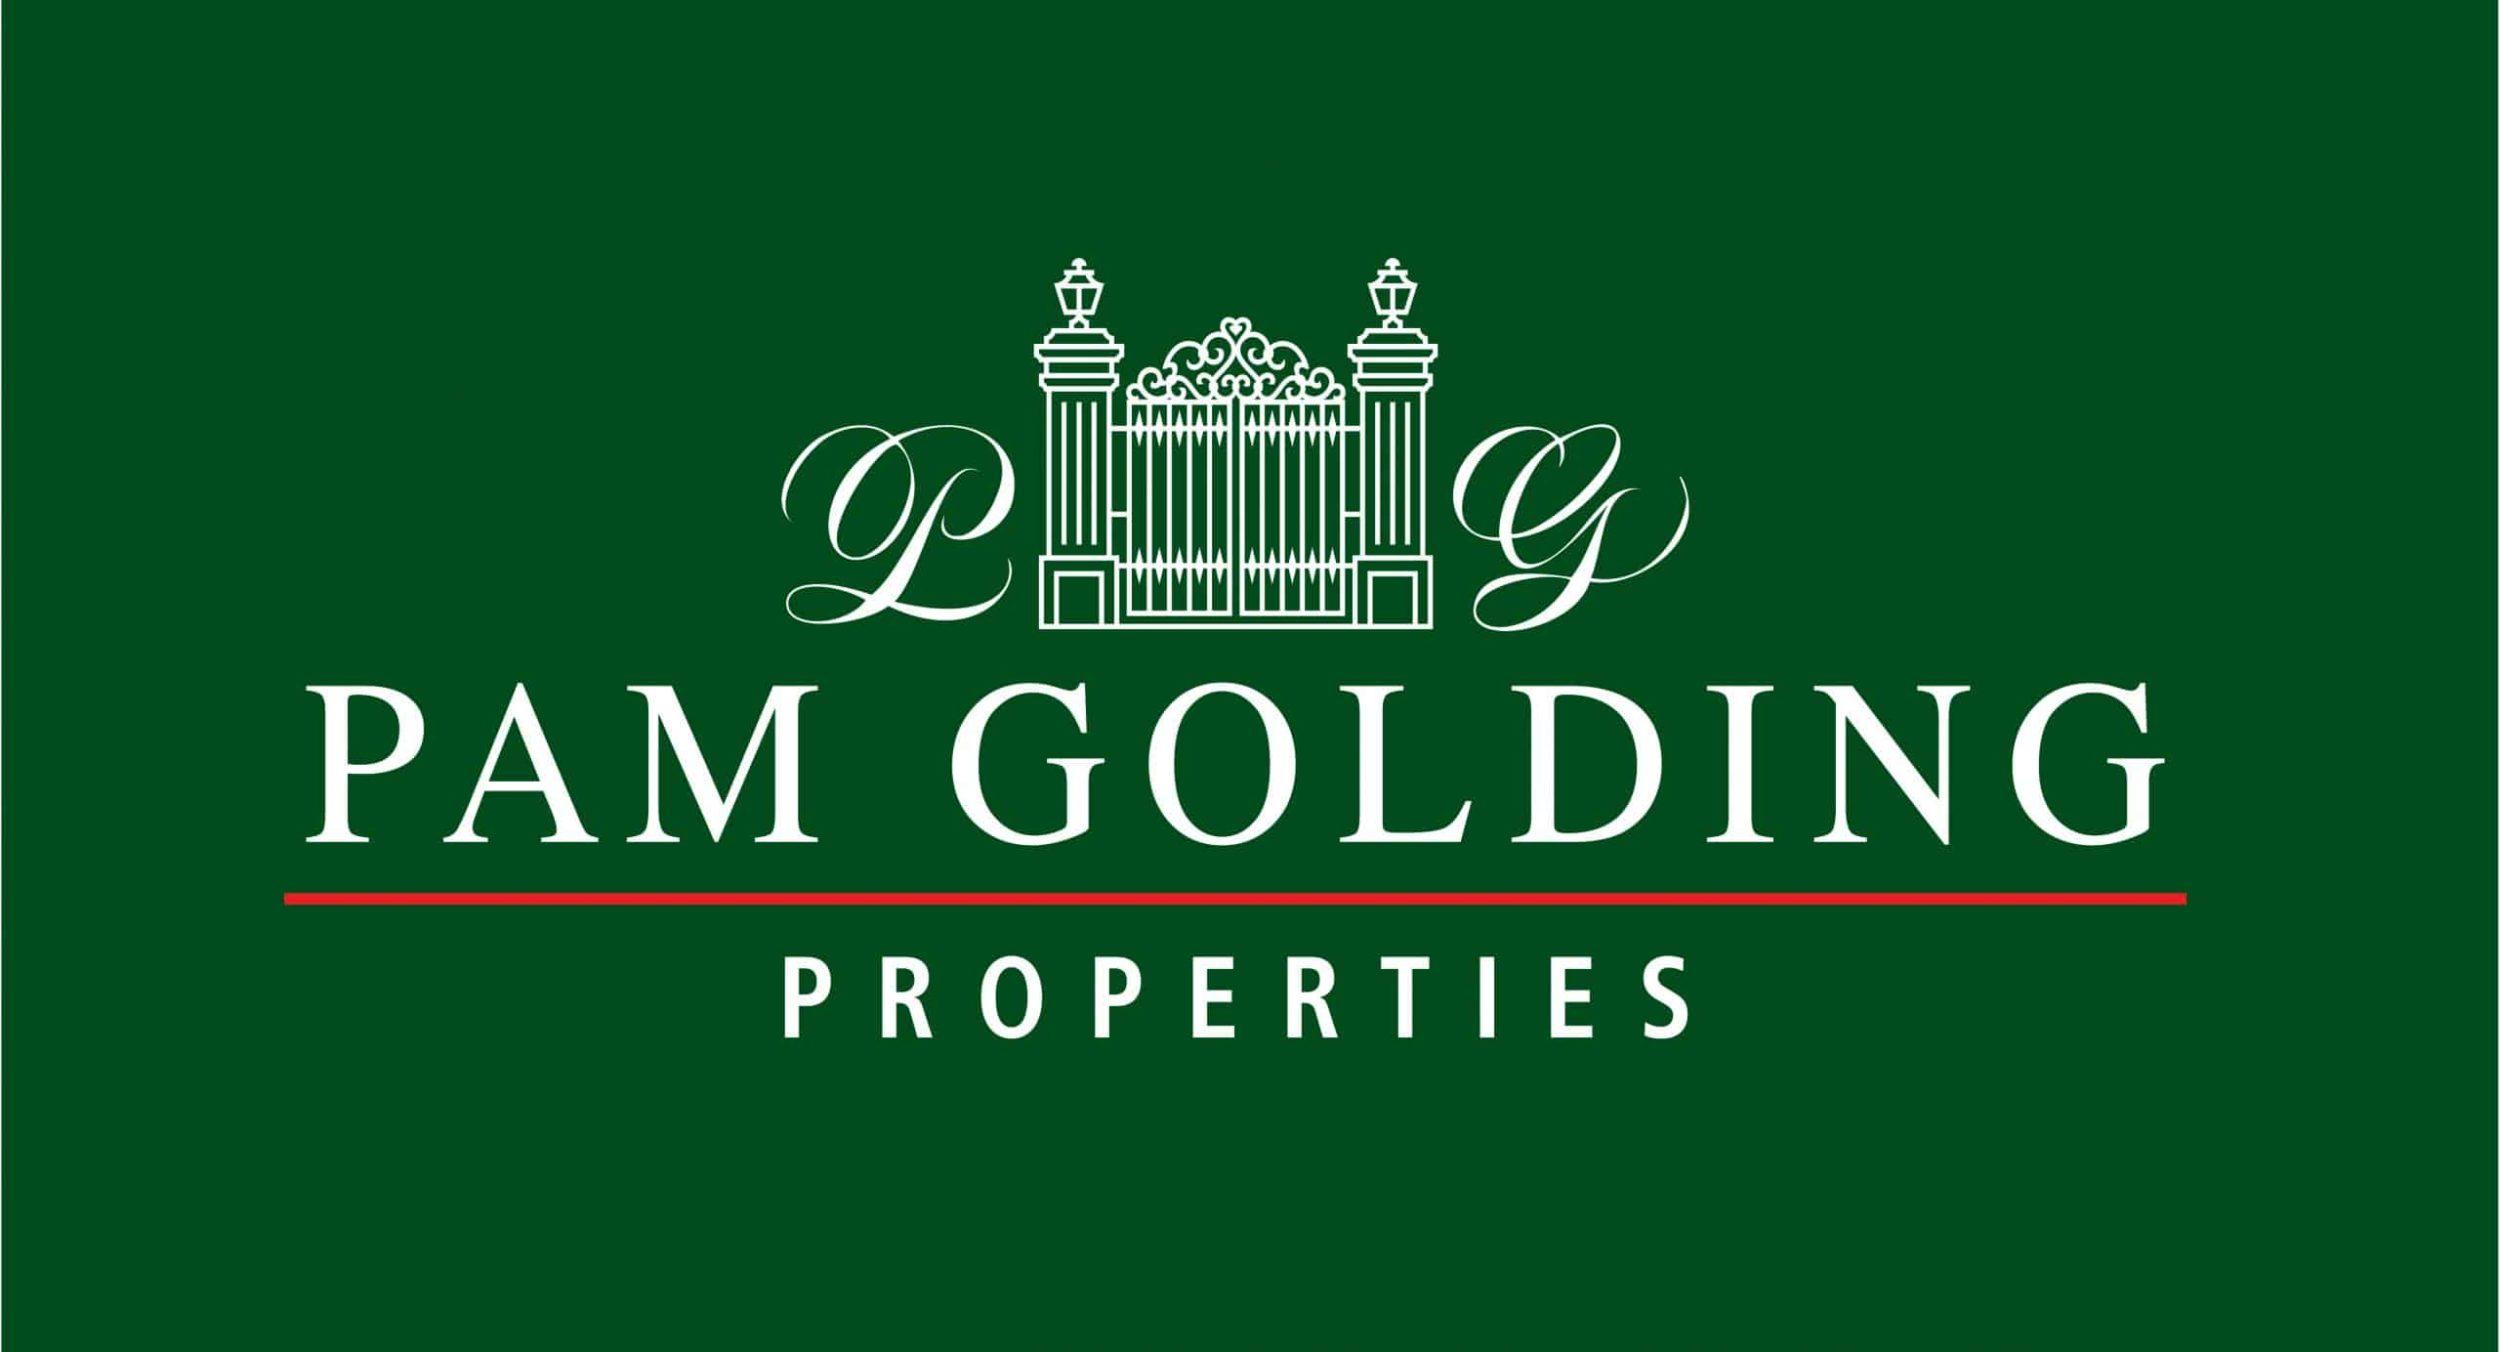 PAm-golding-LOGO-2016-scaled.jpeg